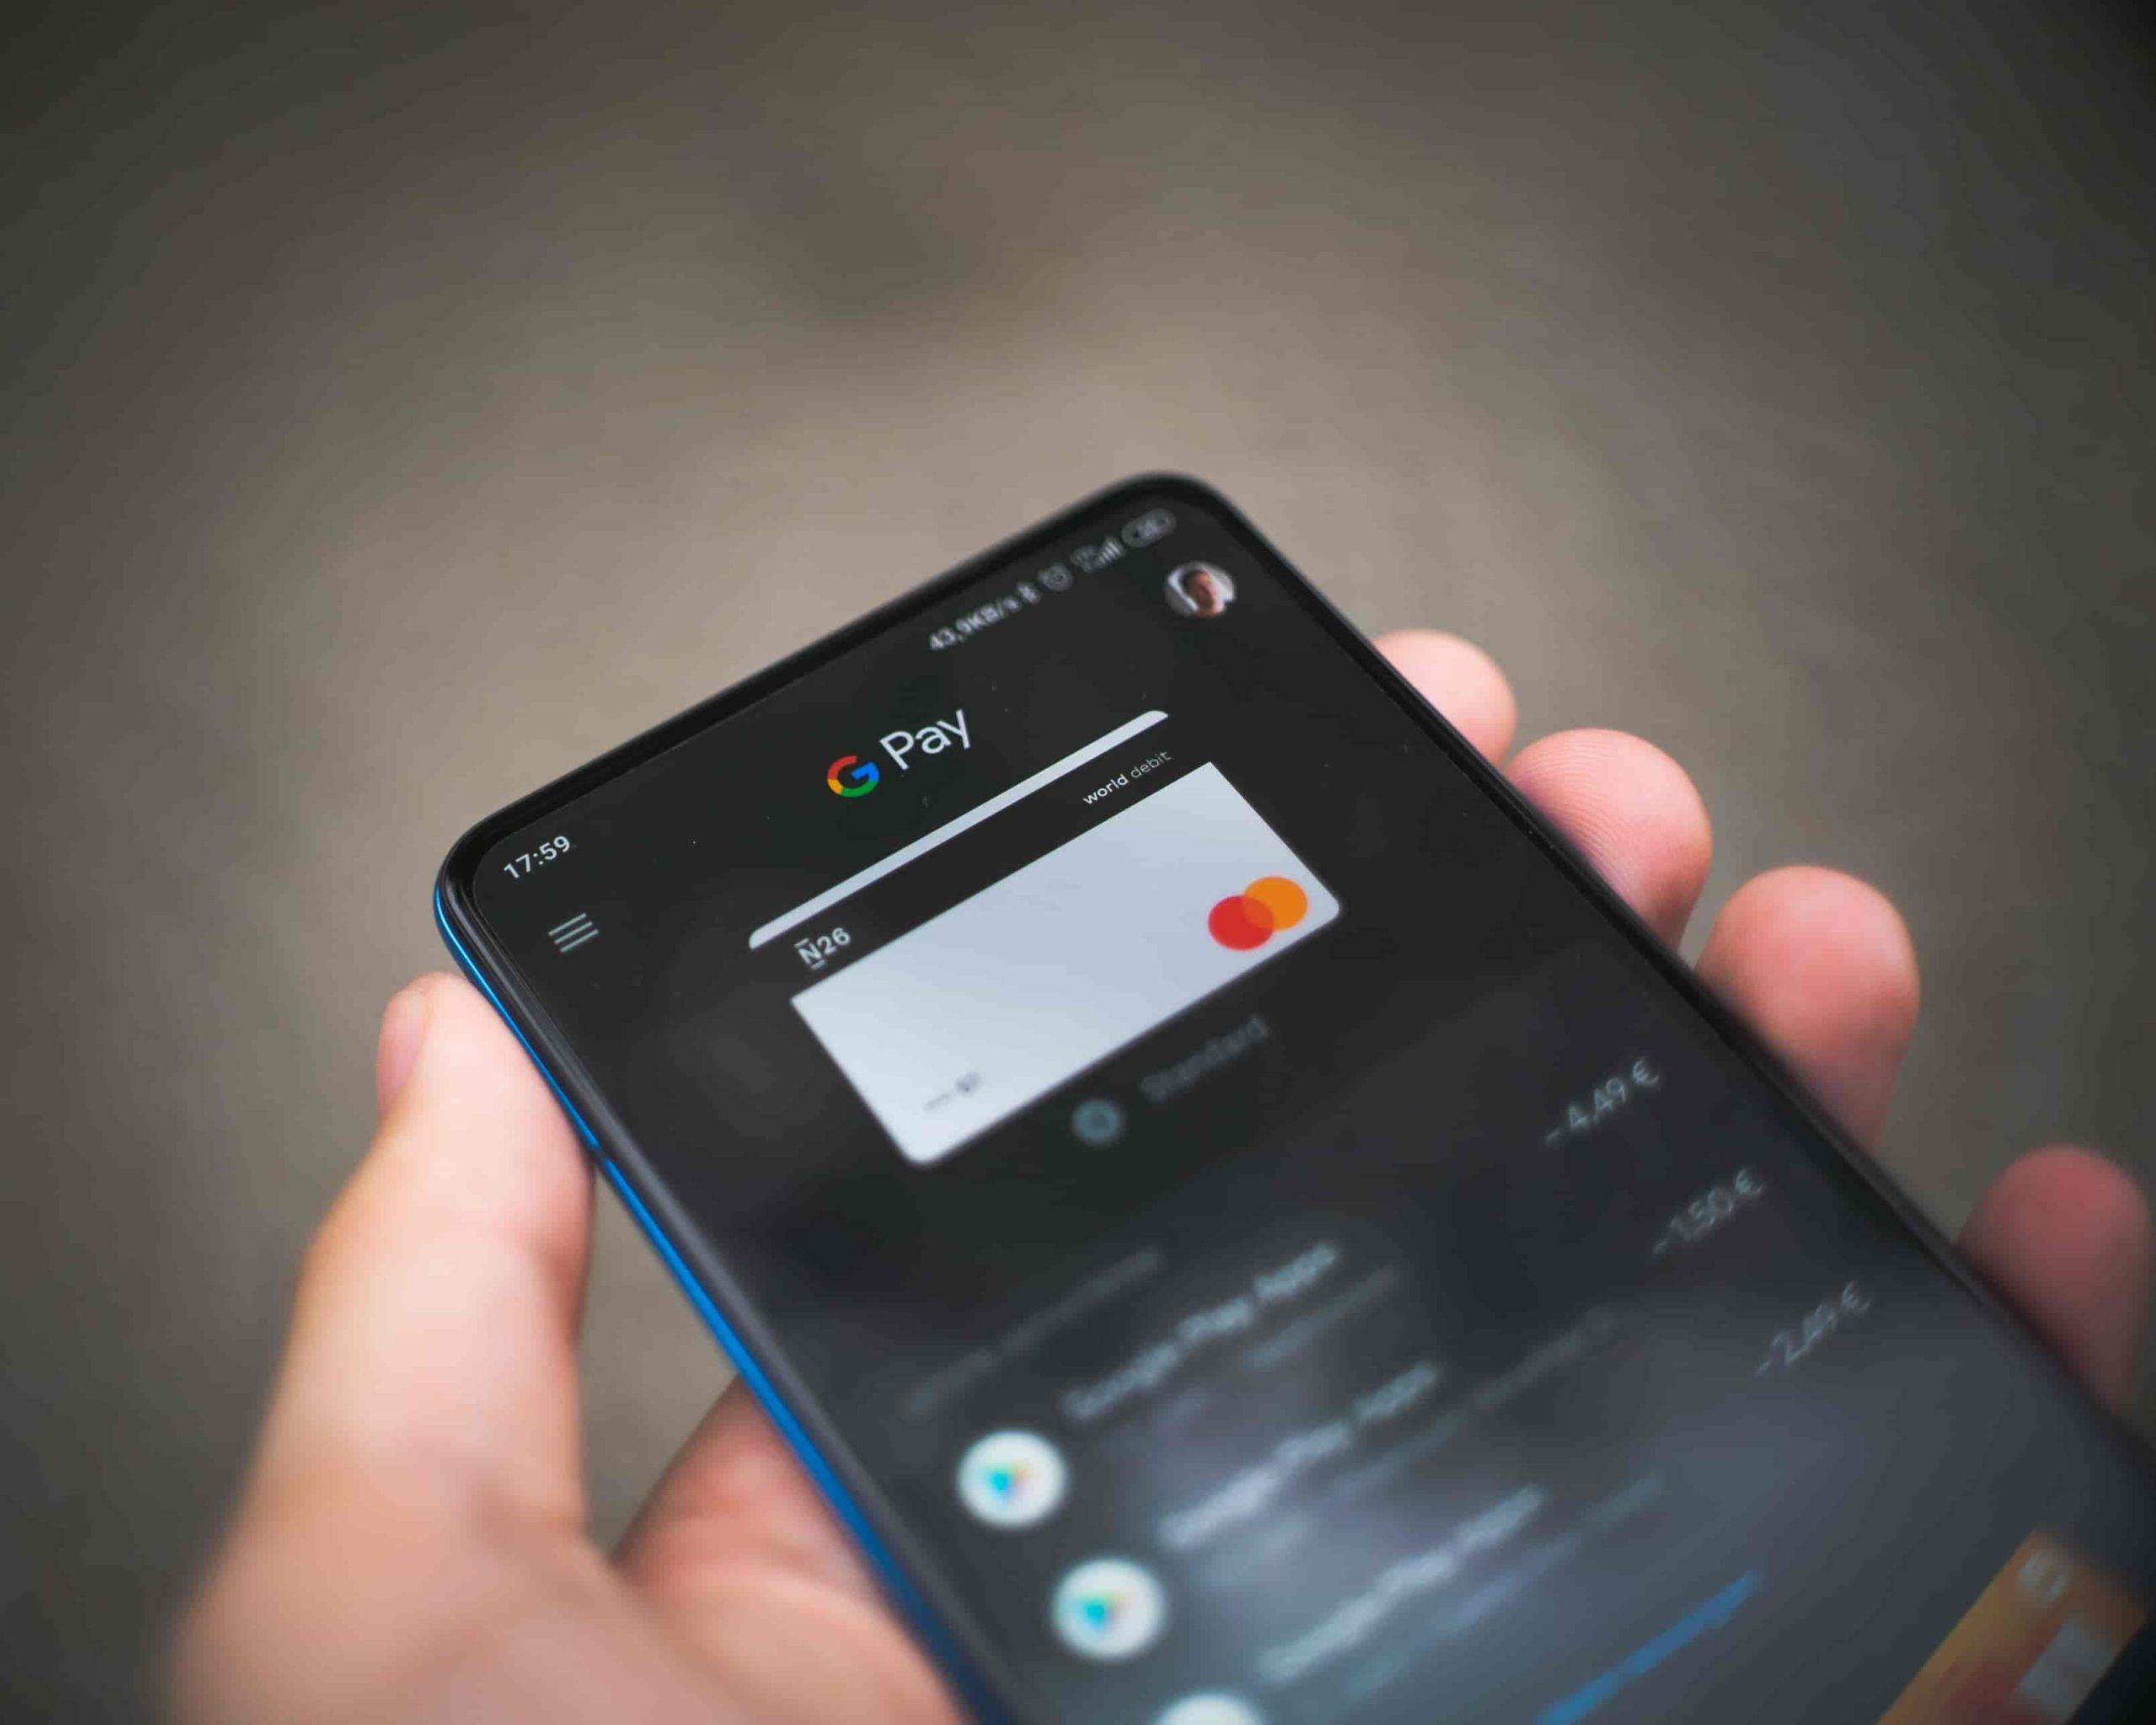 Nfc アプリ ありません は てる タグ を し この サポート NFC接続ができない時に確認したい7つの原因